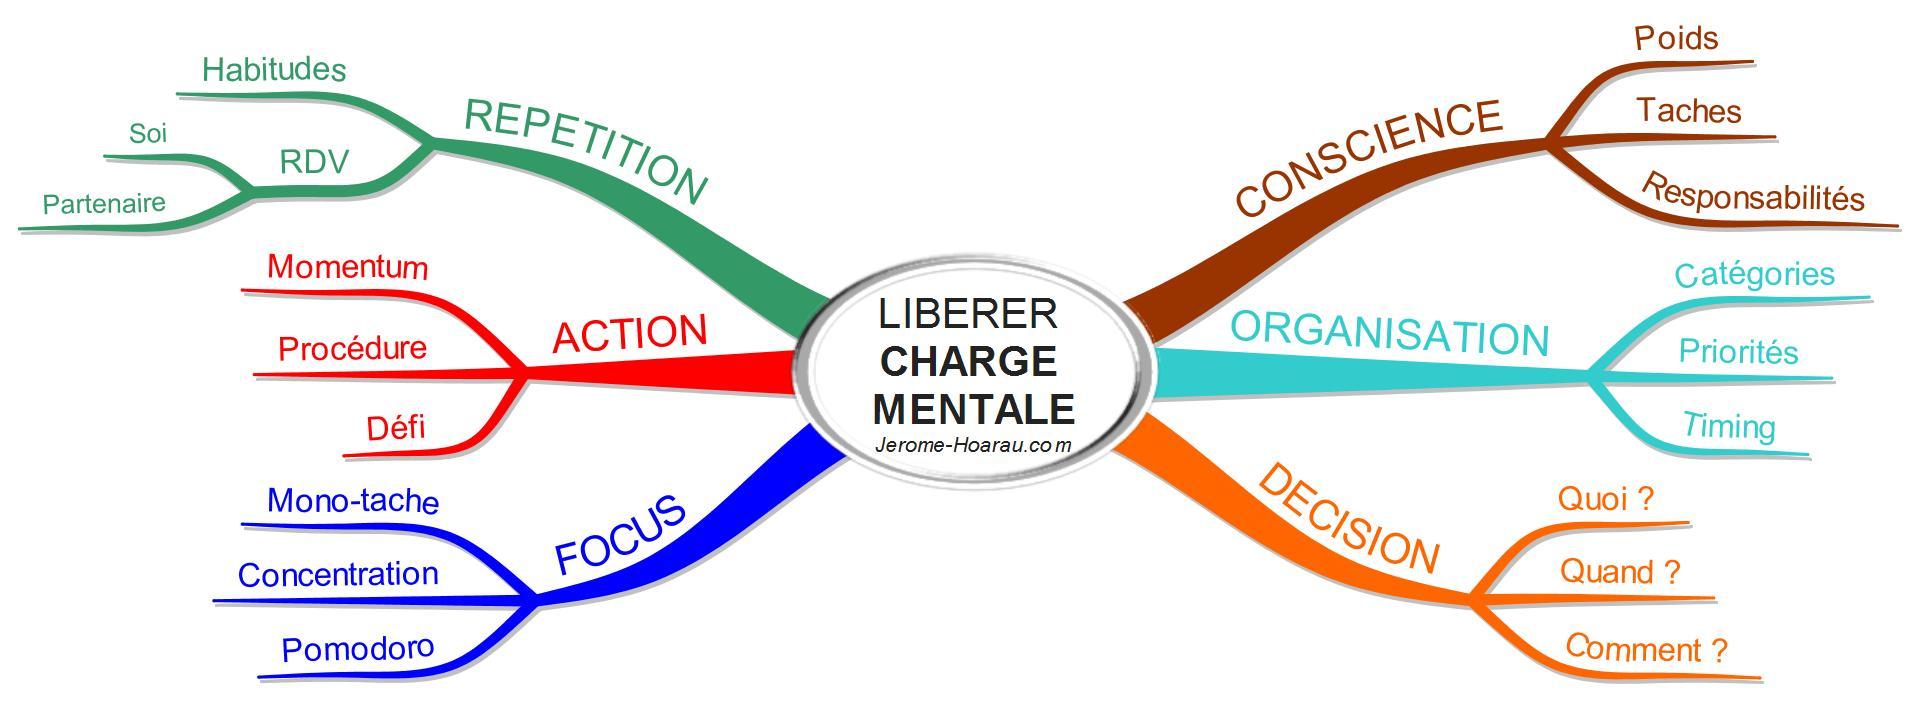 LIBERER CHARGE MENTALE Jerome-Hoarau.com